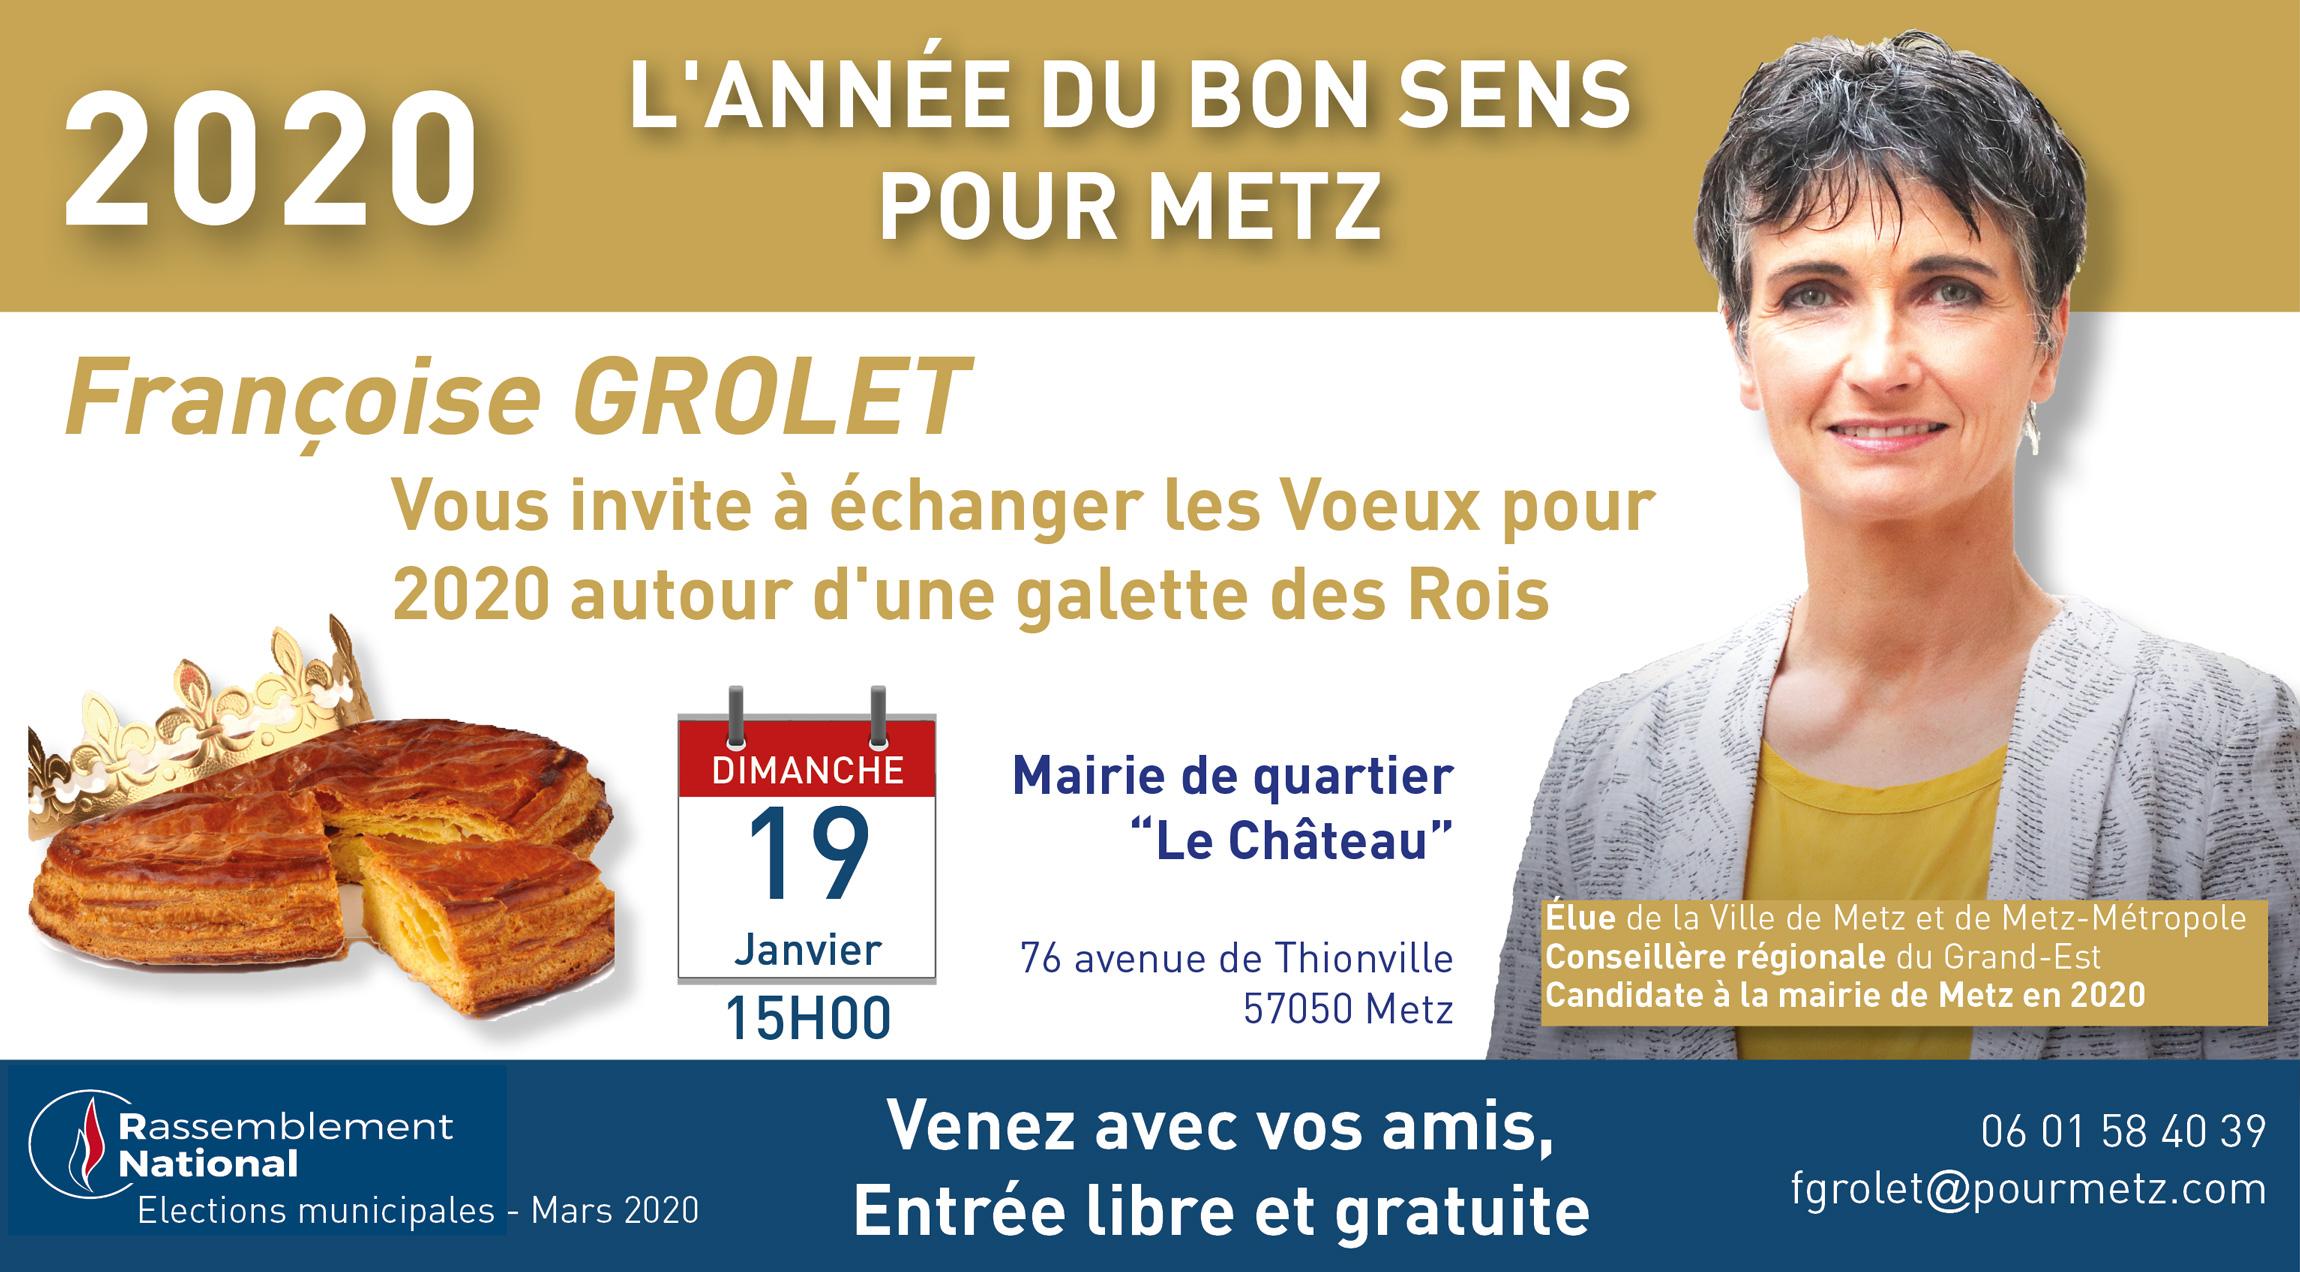 Invitation à partager les voeux 2020 autour d'une galette des Rois à Metz le 19 01 2020 avec Françoise Grolet pour le Rassemblement National